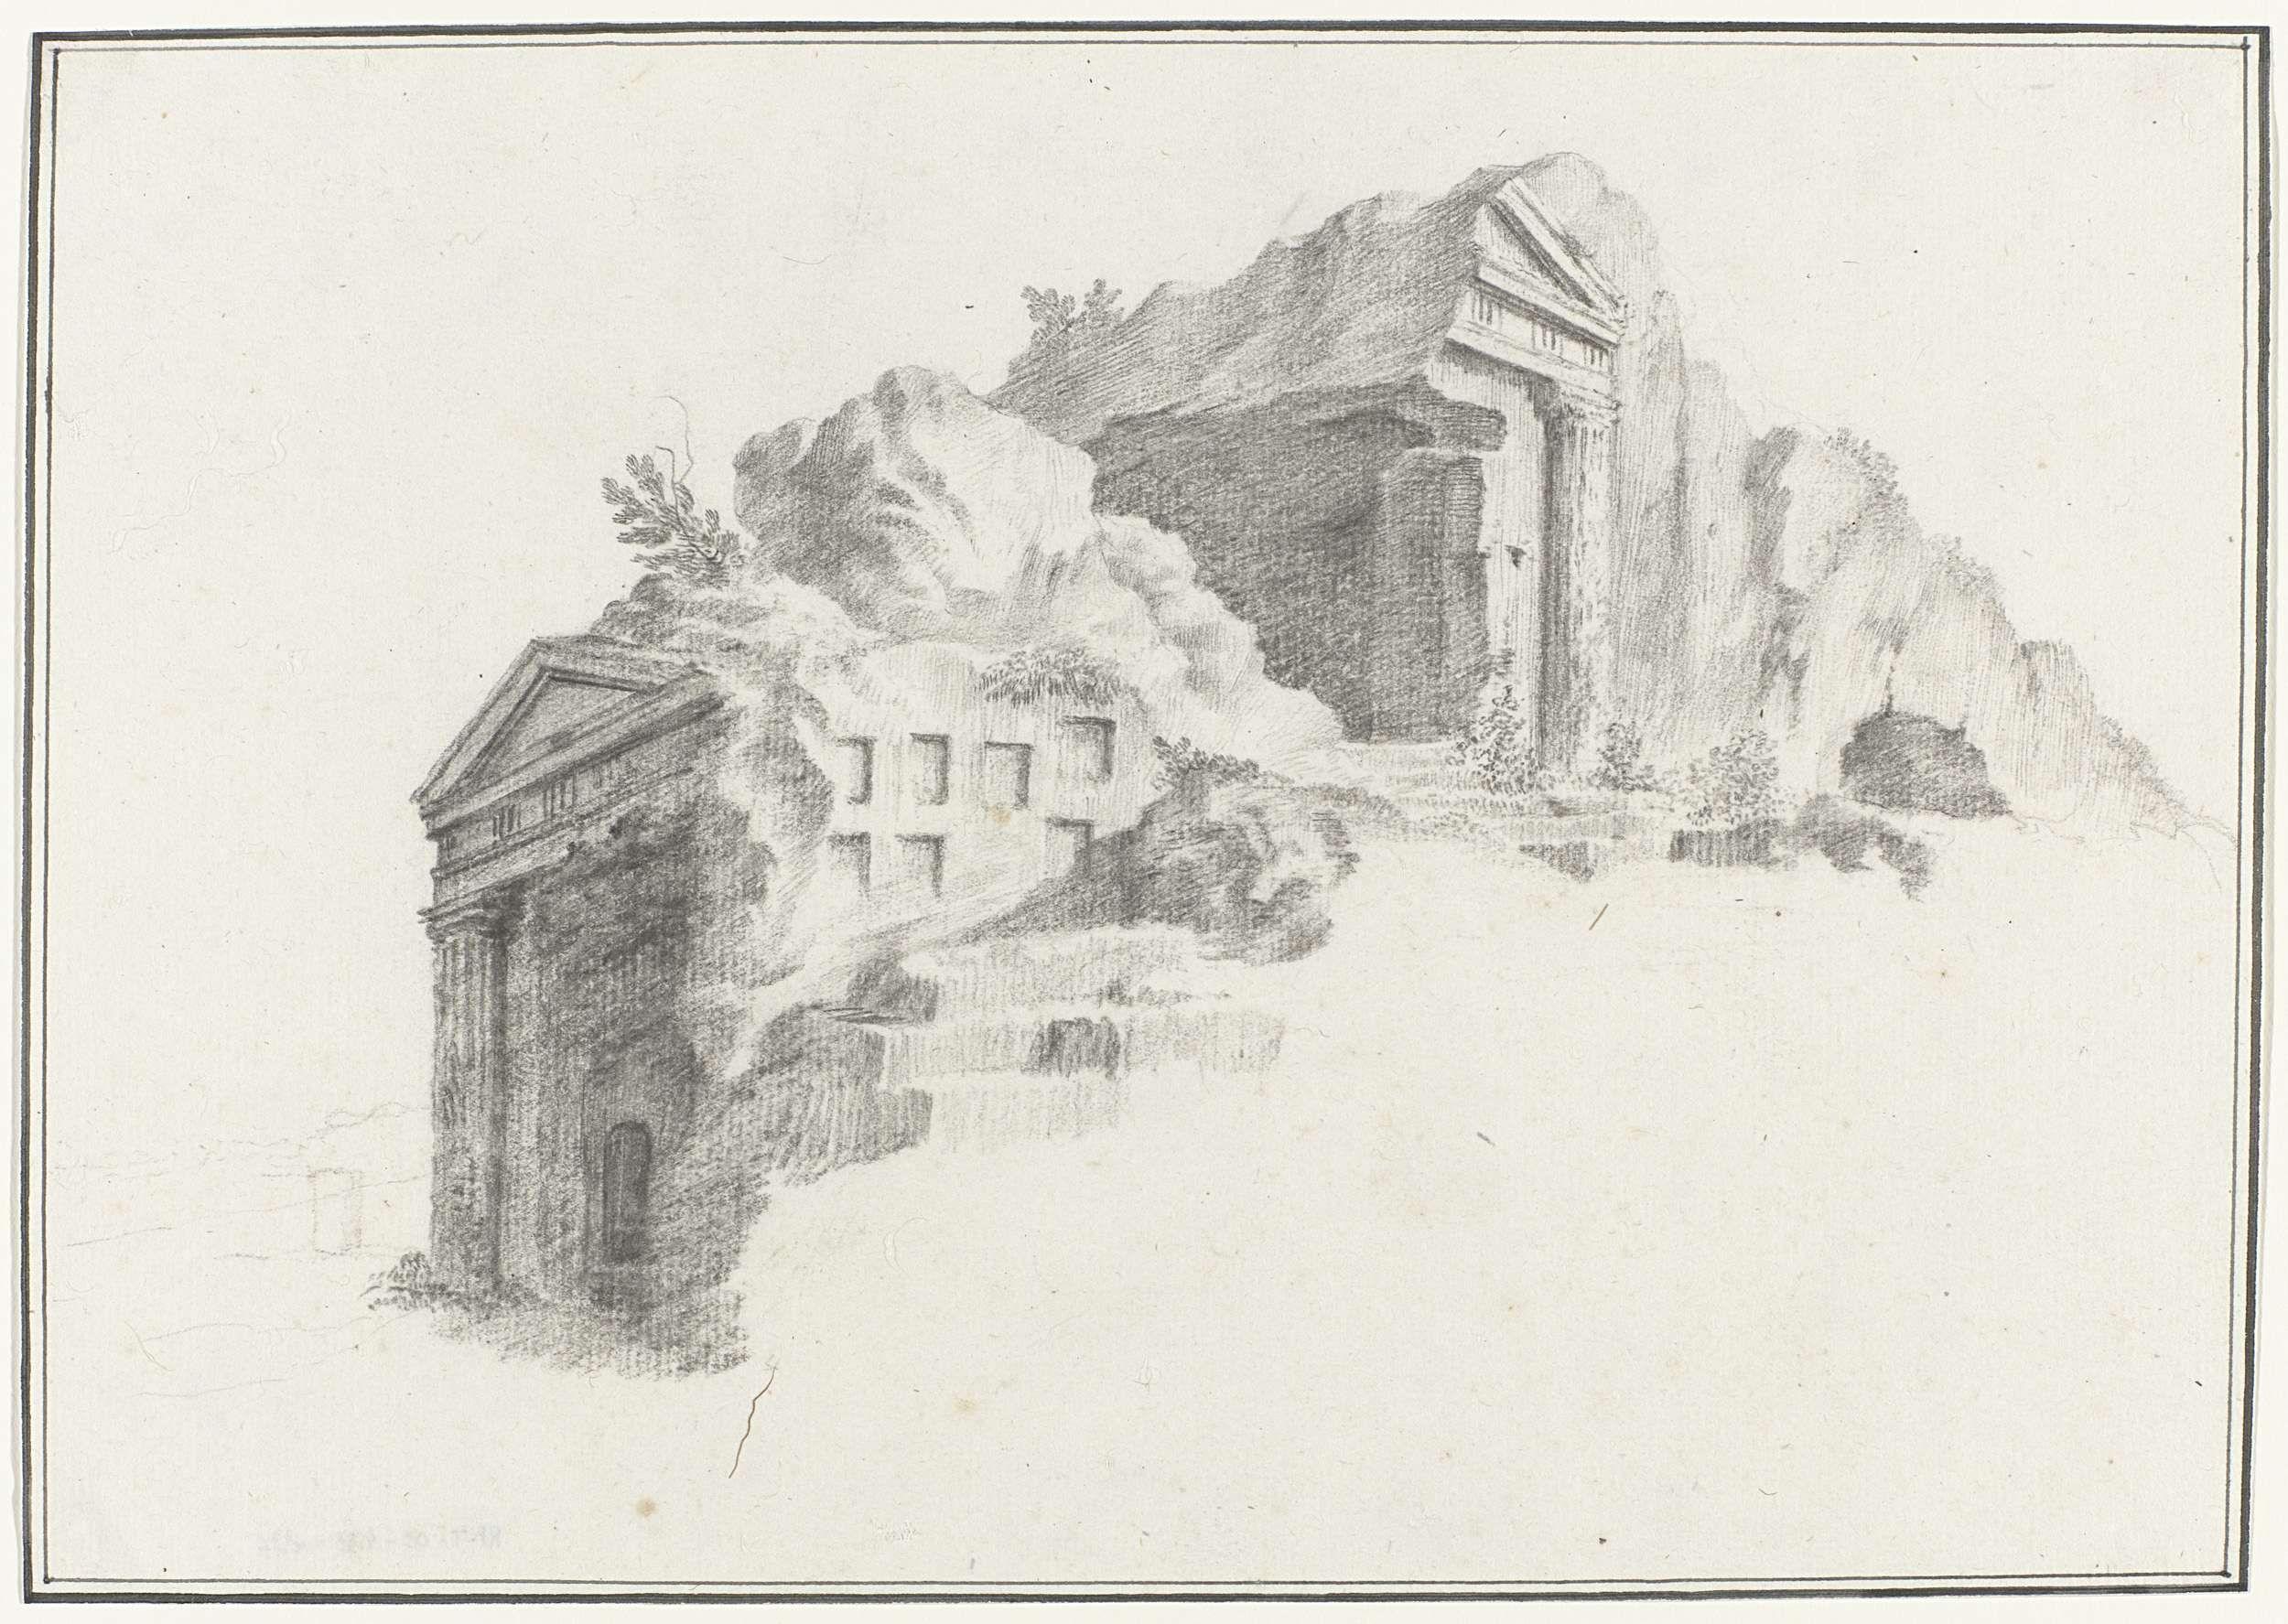 Louis Mayer   Grafmonument of graven met Dorische zuilen in rots gehouwen en gelegen op afstand van 2 mijl van Syracuse, Louis Mayer, 1778   Tekening uit het album 'Voyage en Italie, en Sicile et à Malte', 1778.